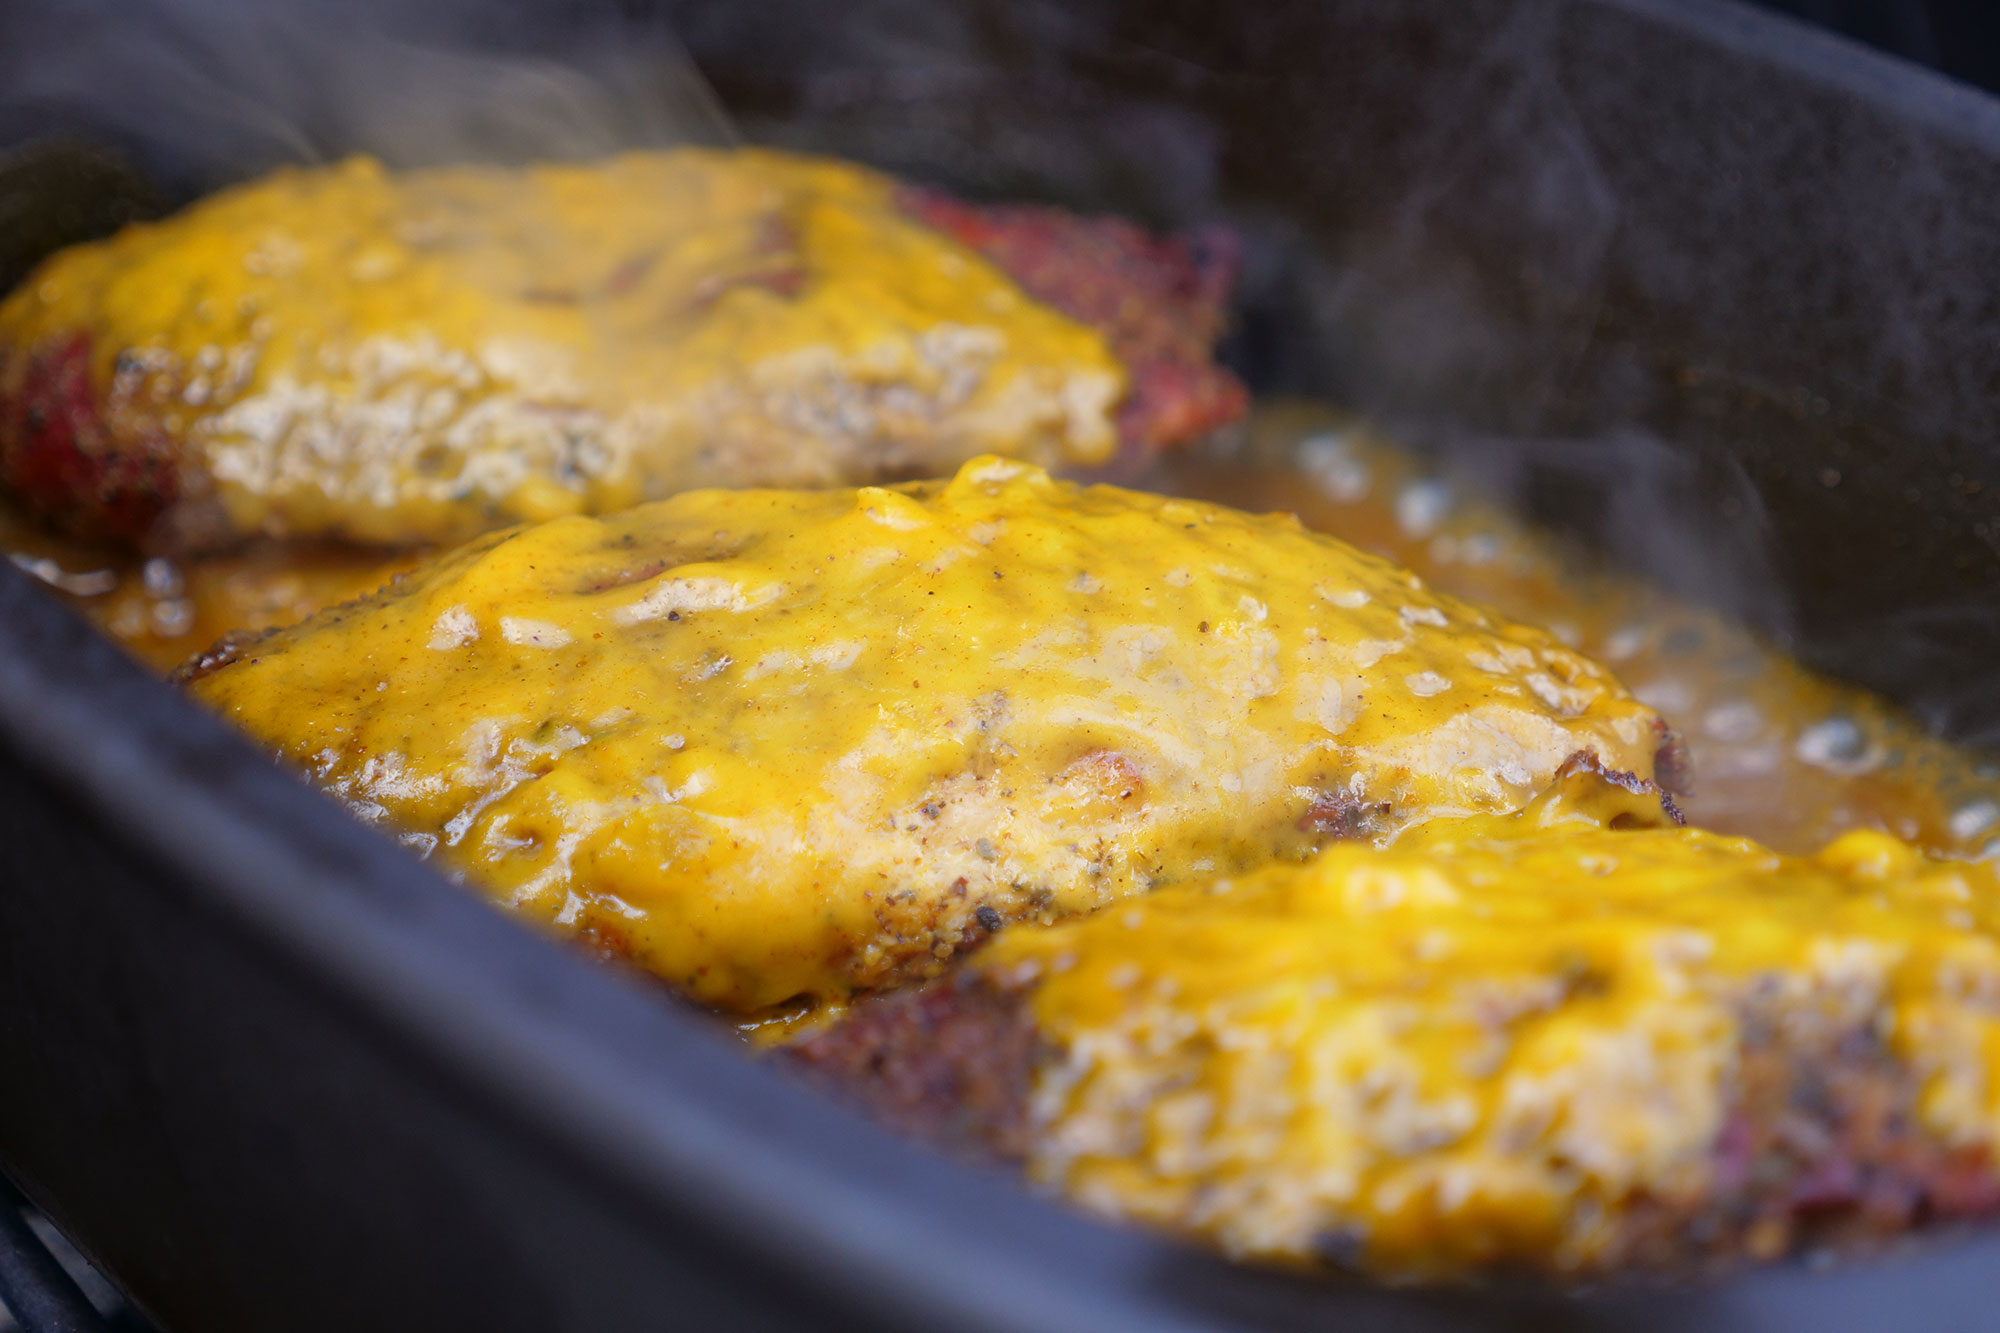 Pulled Pork Gasgrill Q 3200 : Pulled chicken burger anleitung und rezept weber kugel